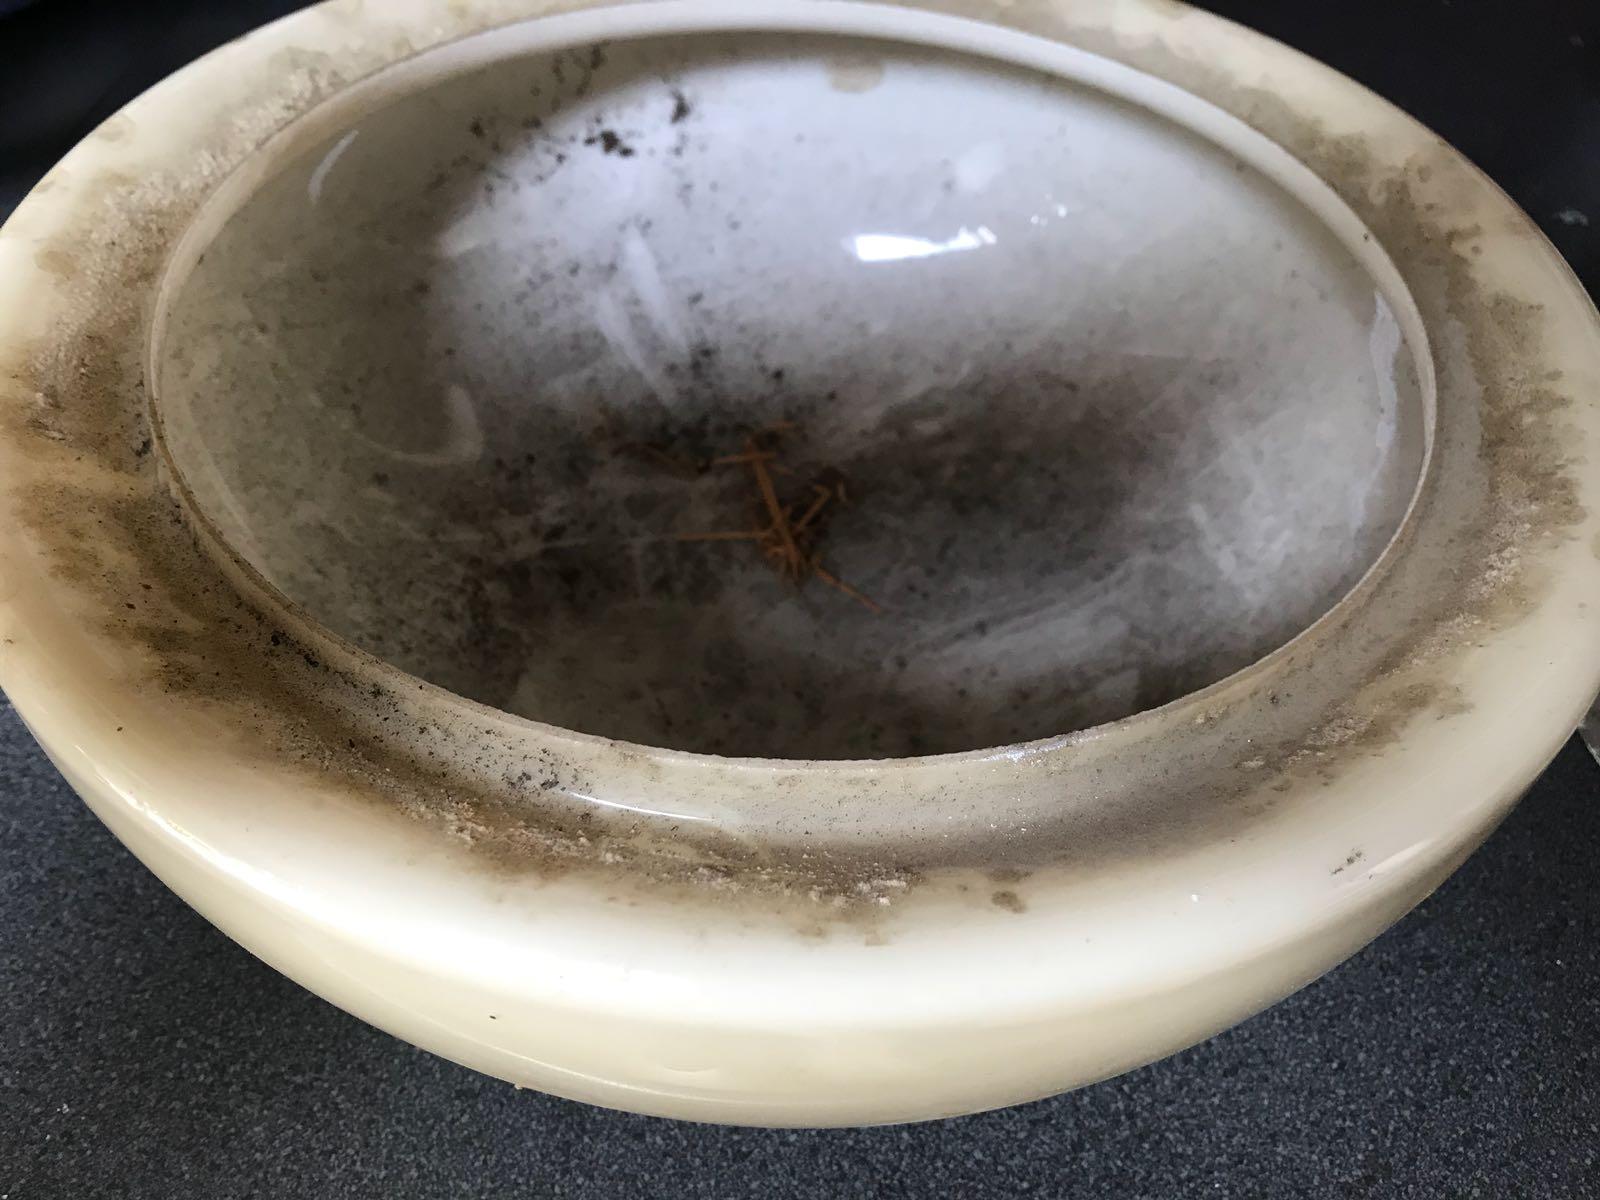 Lampglas - nog niet schoon